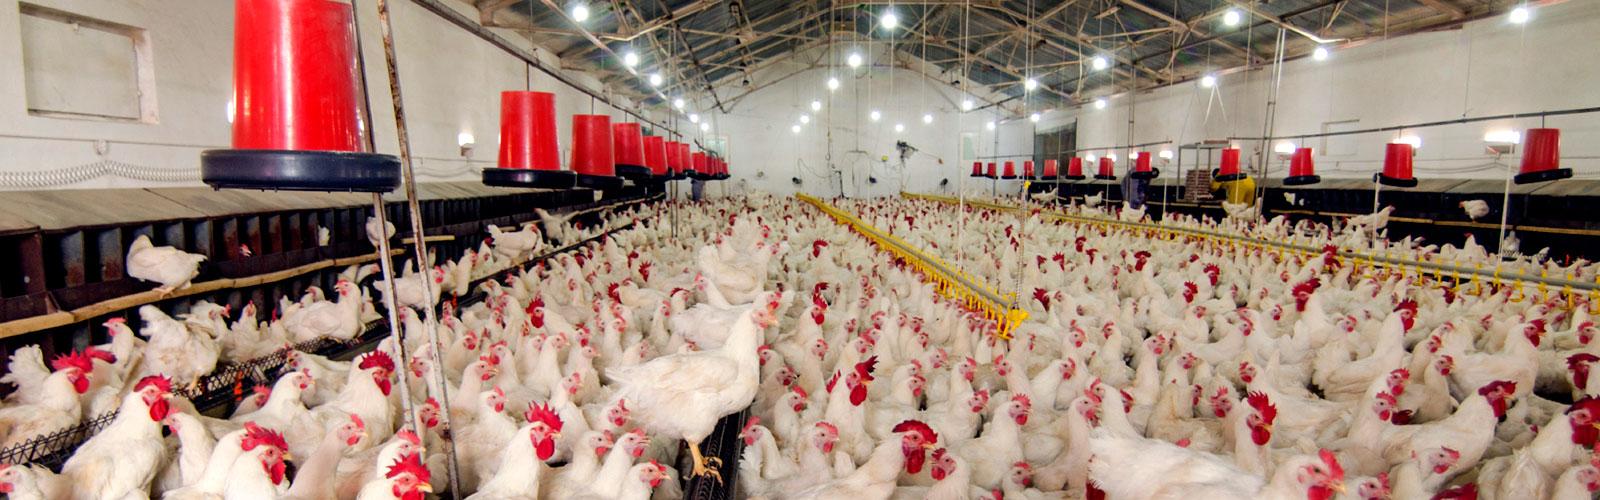 Productos avícolas Calfri